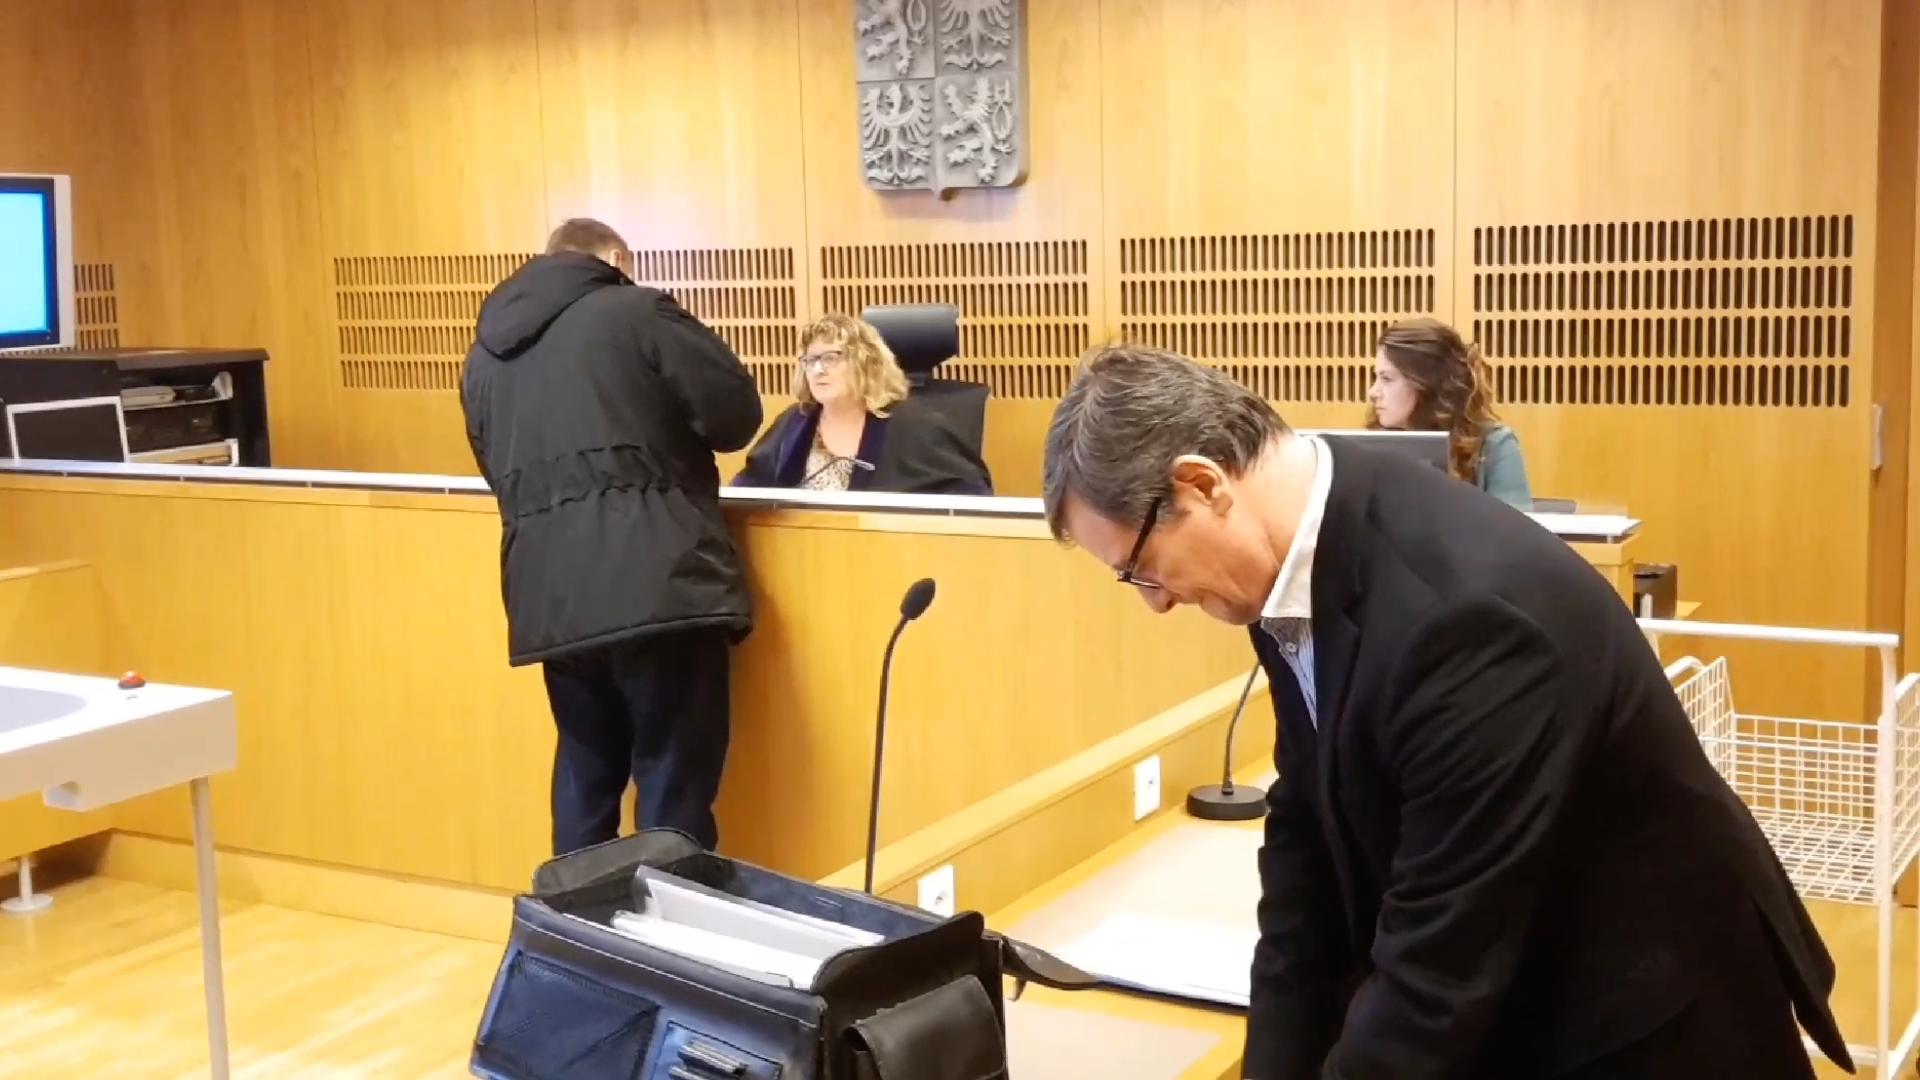 Rath je znovu před soudem. Svlastním bratrem se pře omiliony po otci